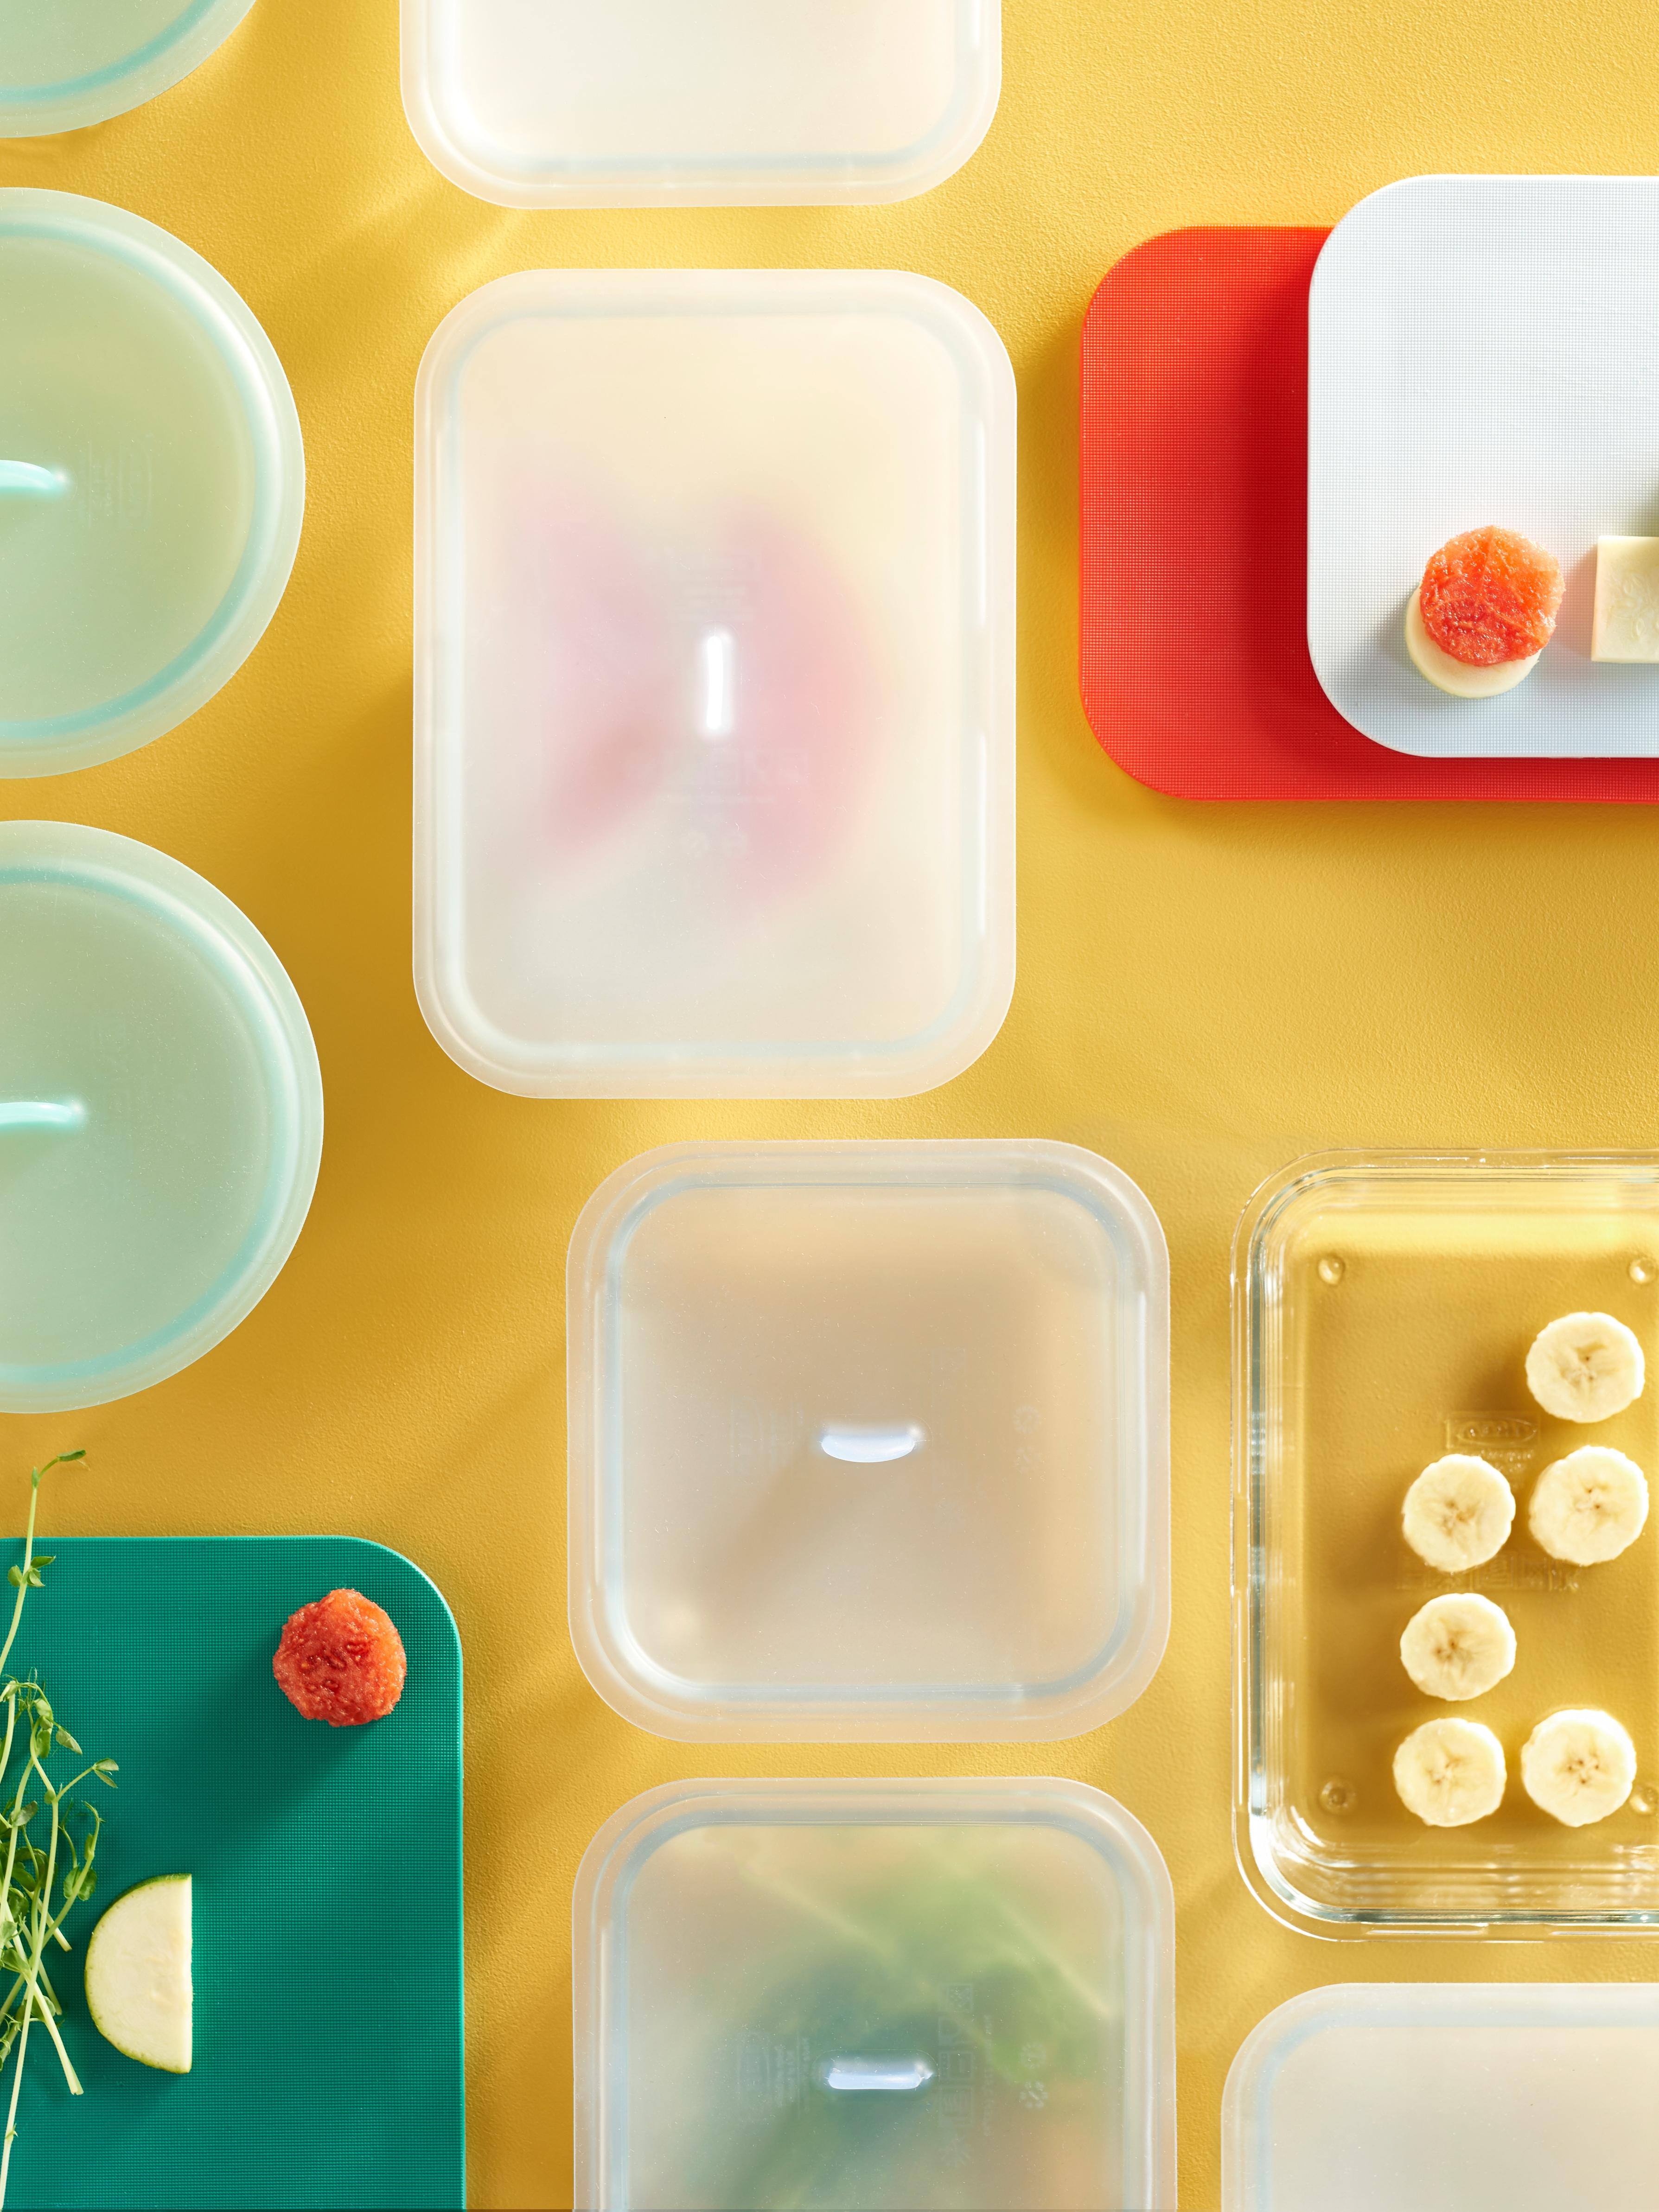 Niz IKEA 365+ posuda za hranu, neke s poklopcima, raspoređenih na žutoj radnoj ploči.